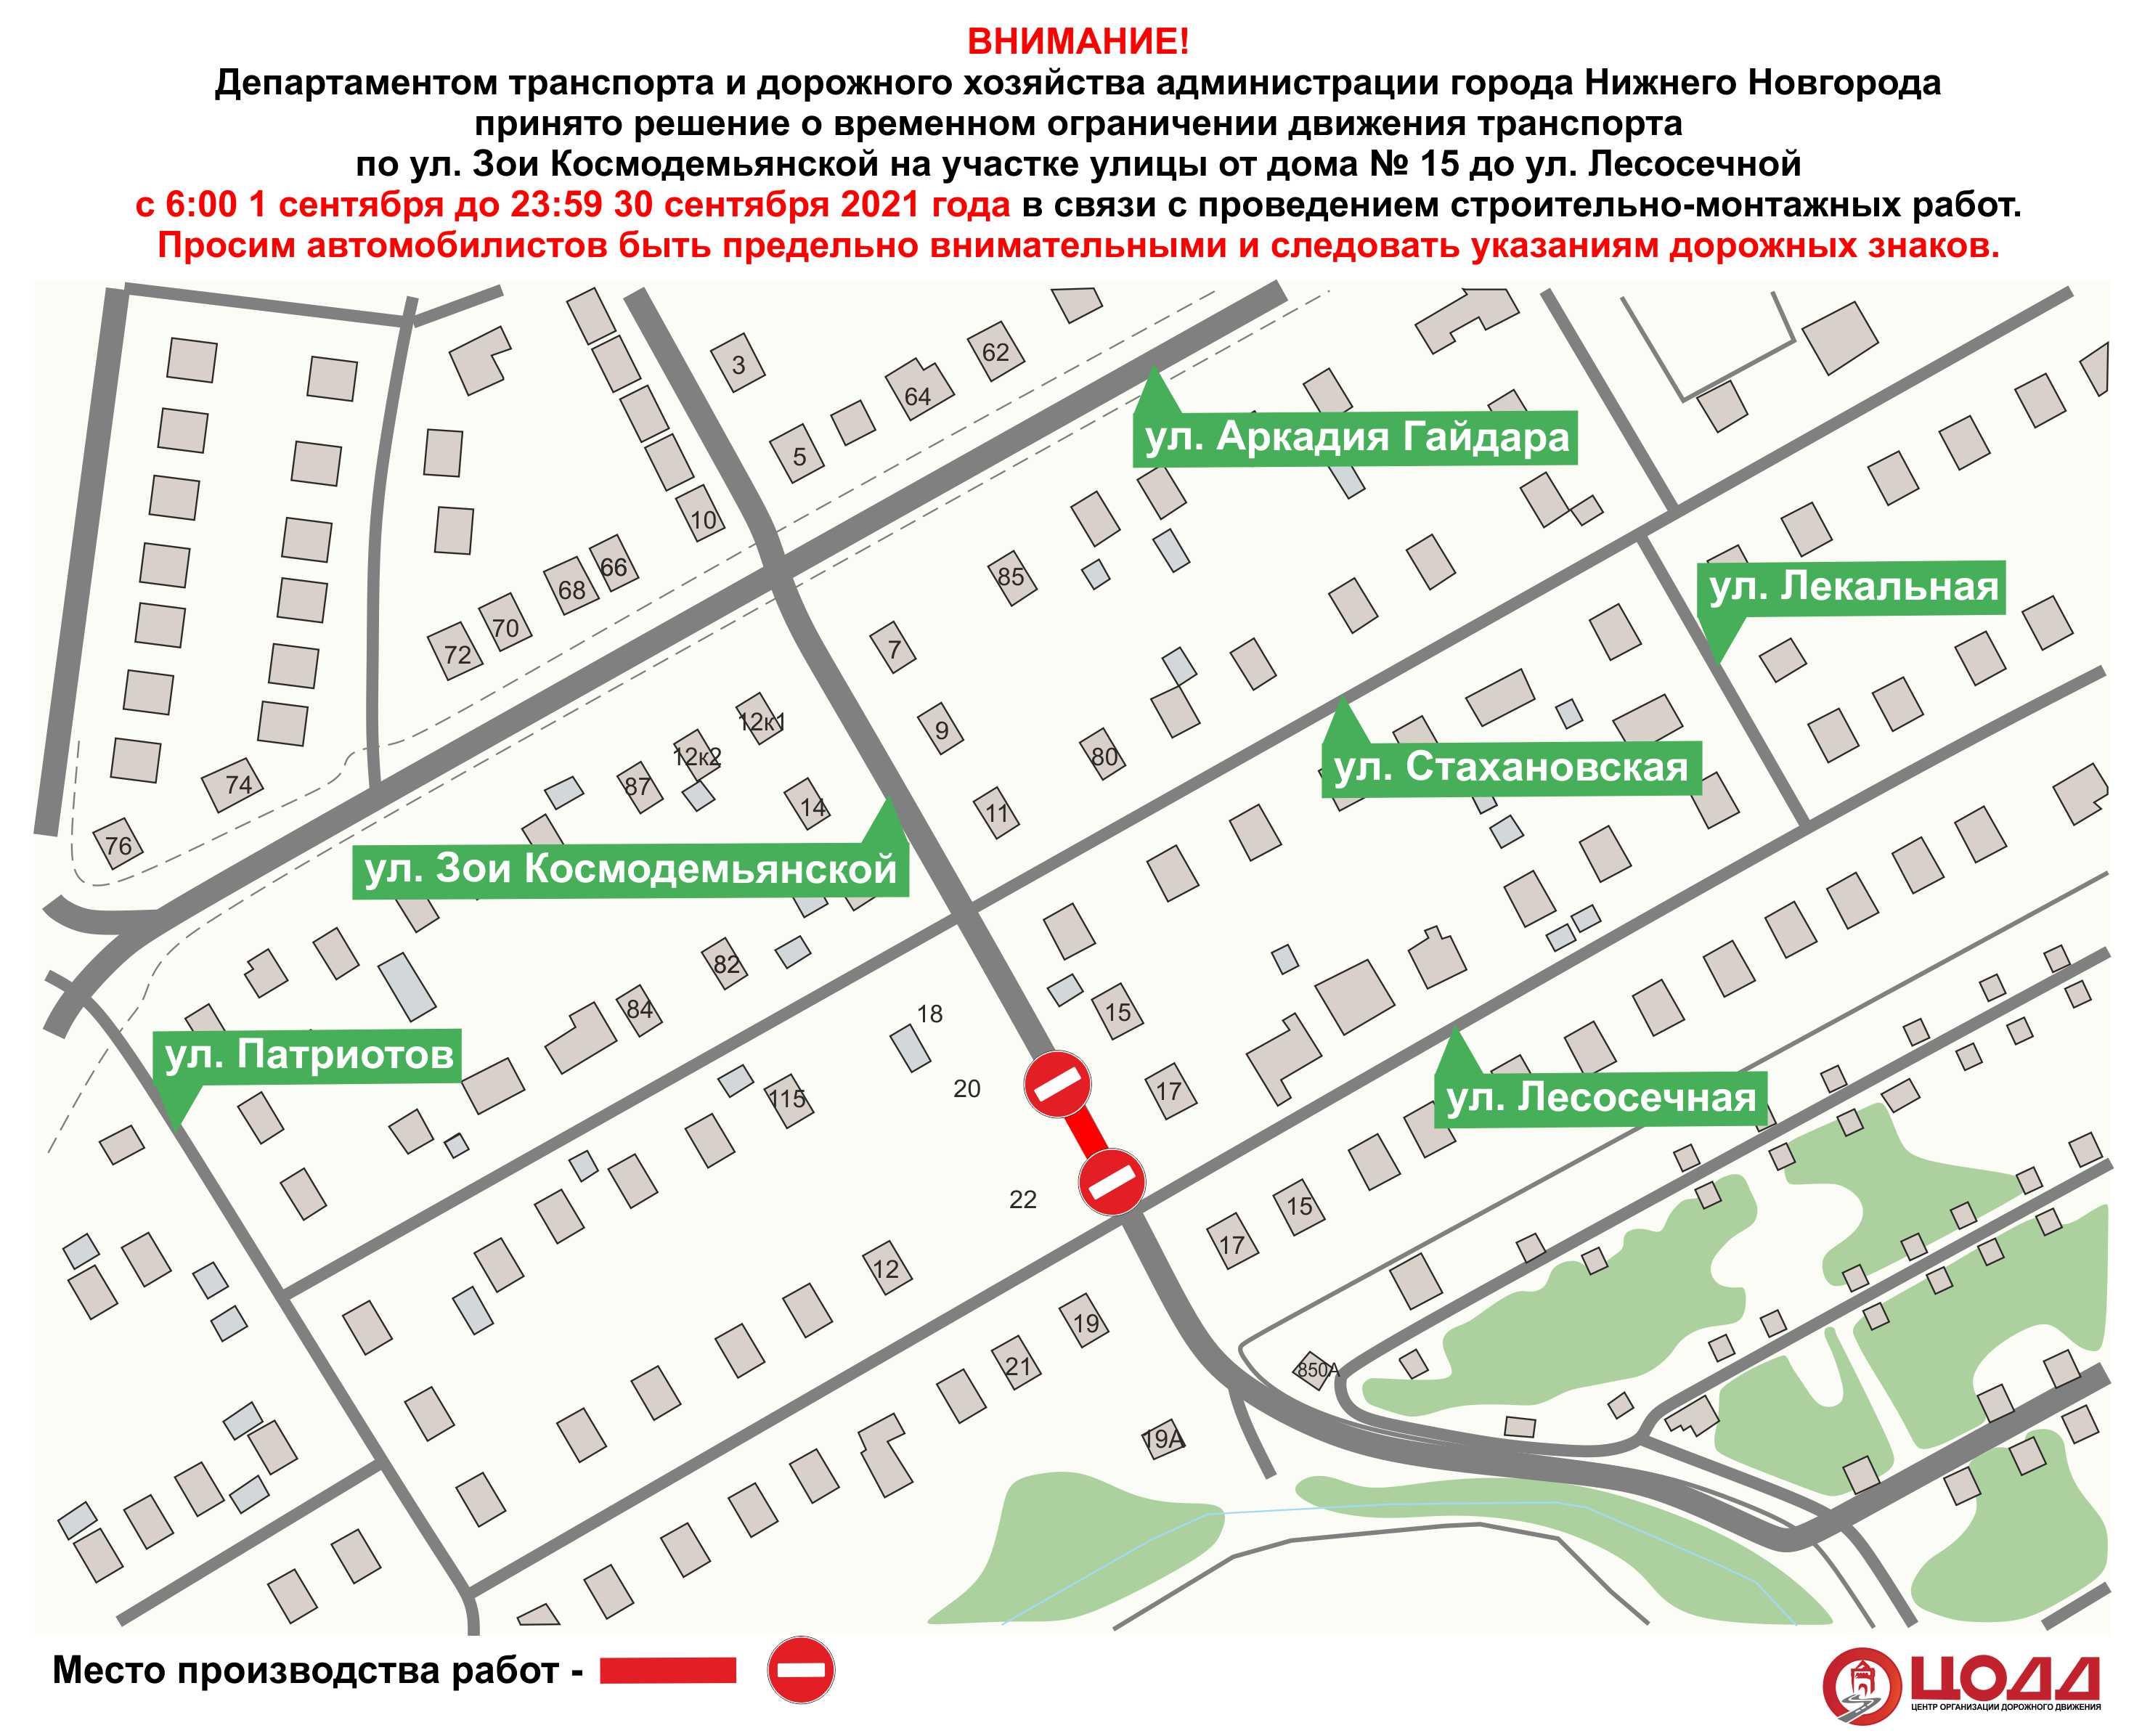 В Нижнем Новгороде перекрыли Космодемьянскую улицу - фото 1